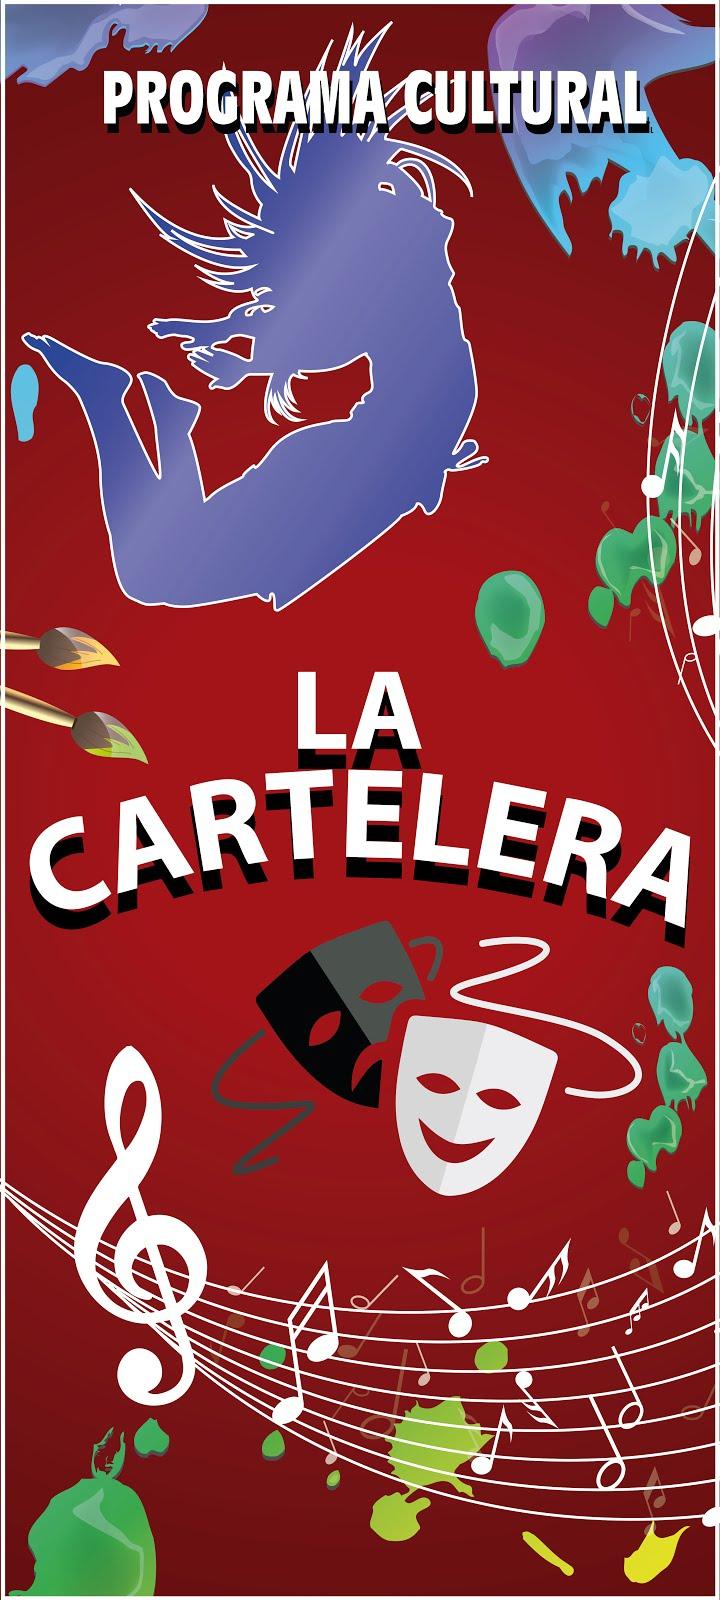 LA CARTELERA OTV AL DÍA, PROGRAMA CULTURAL